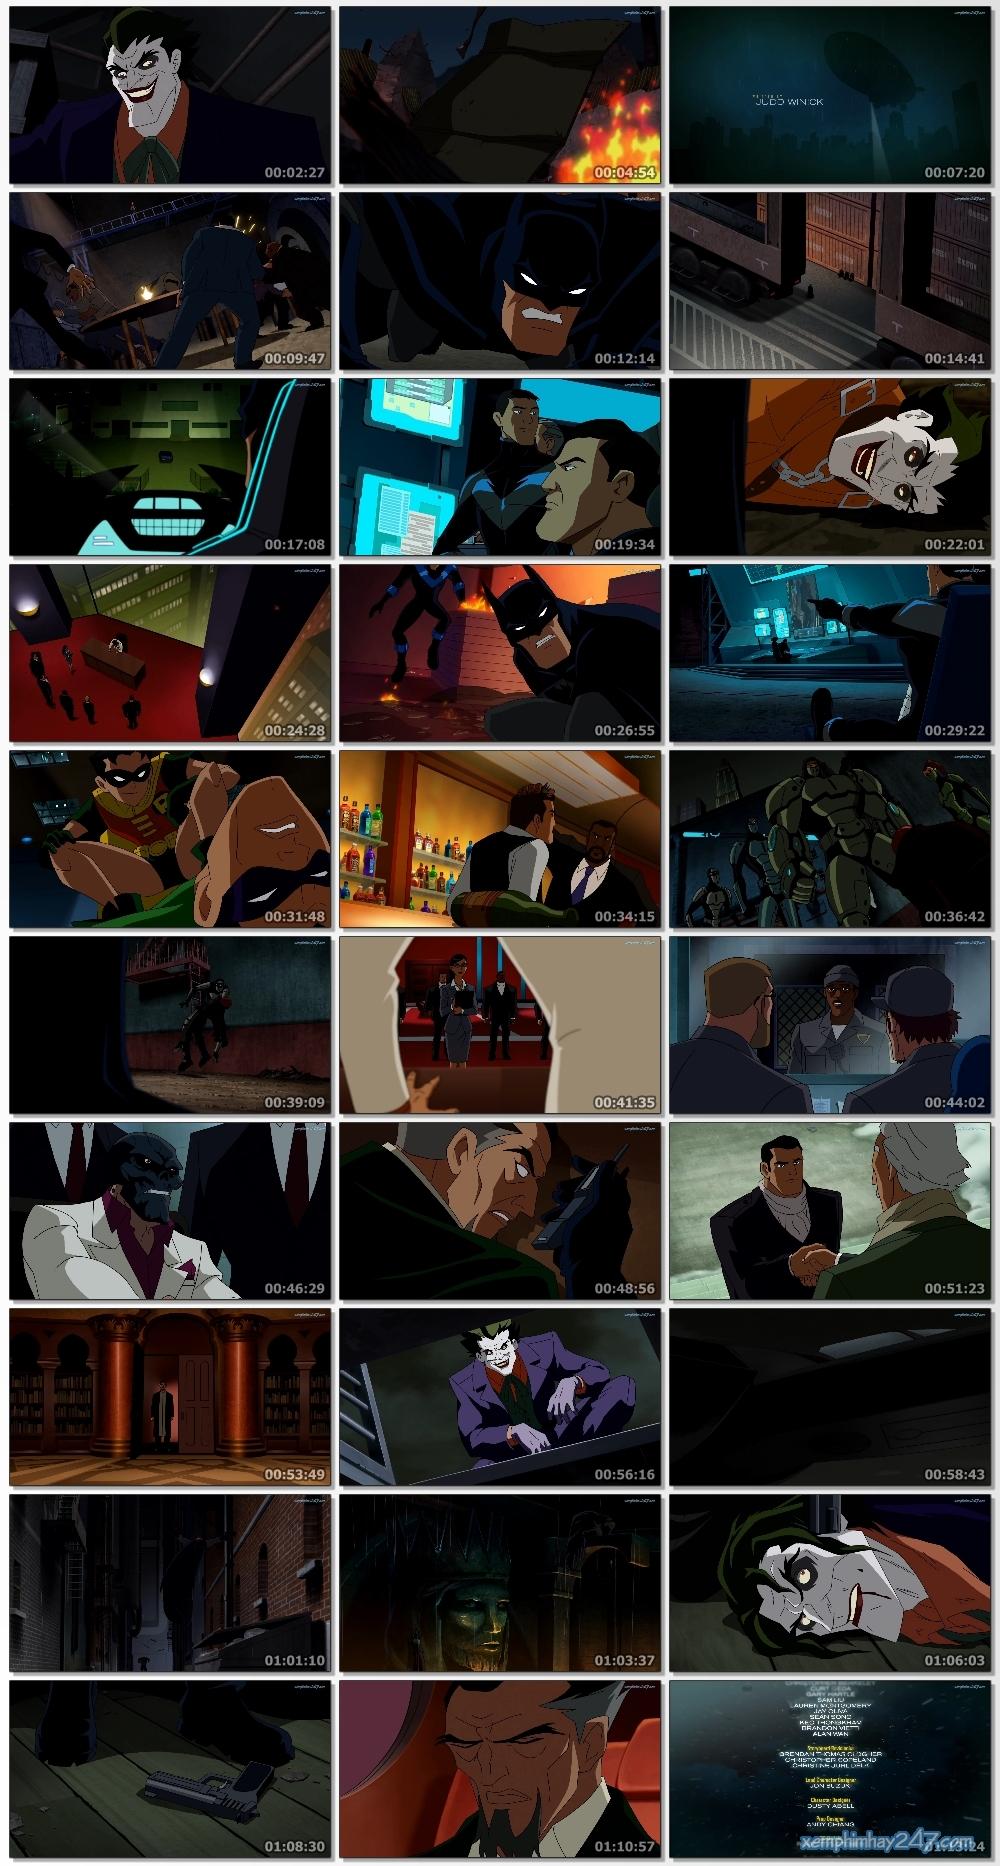 http://xemphimhay247.com - Xem phim hay 247 - Người Dơi: Đối Đầu Với Mặt Nạ Đỏ (2010) - Batman: Under The Red Hood (2010)